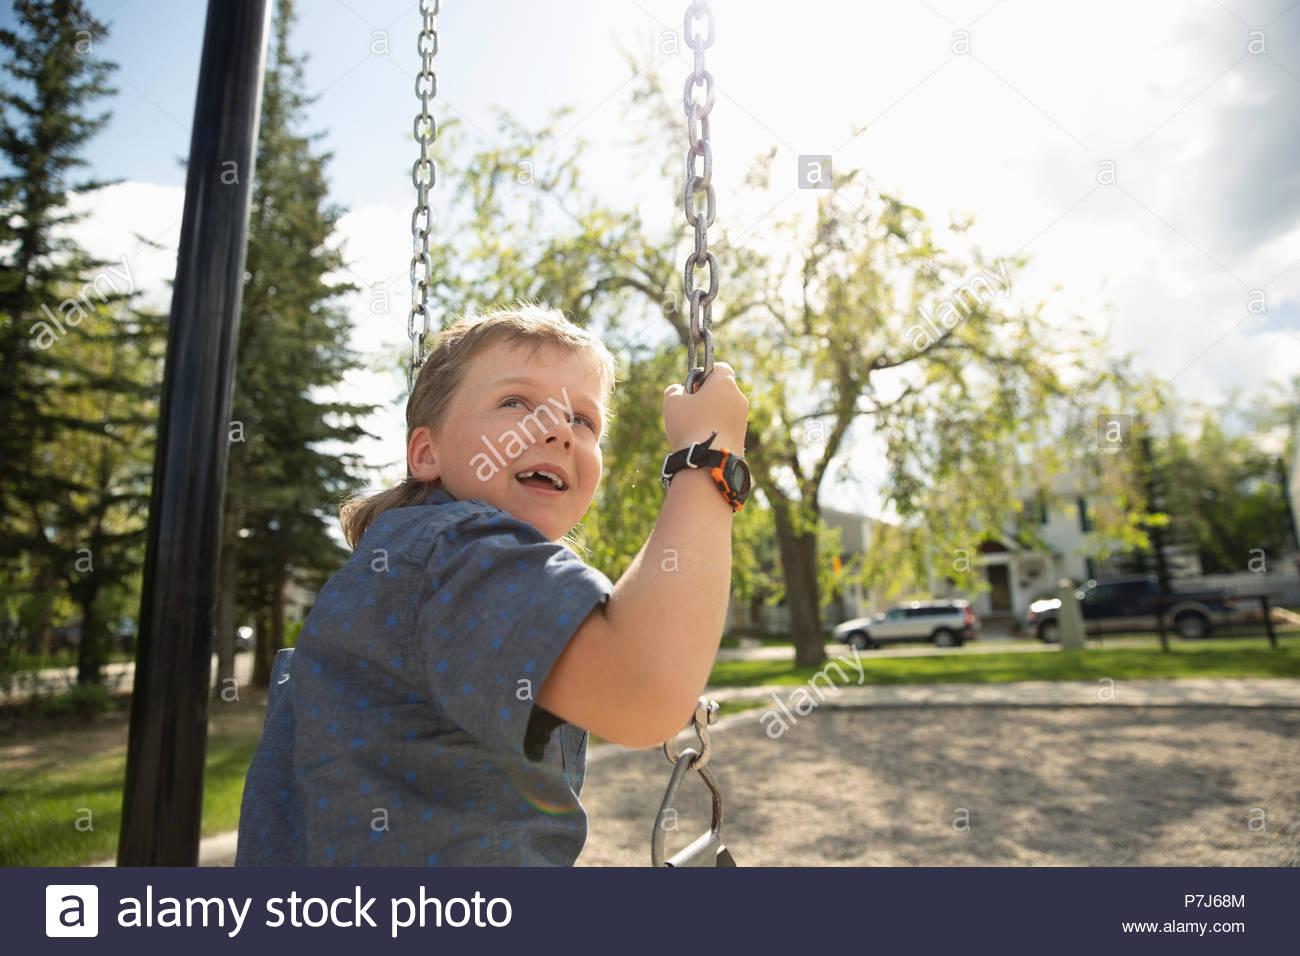 Smiling boy swinging à jeux pour enfants Photo Stock